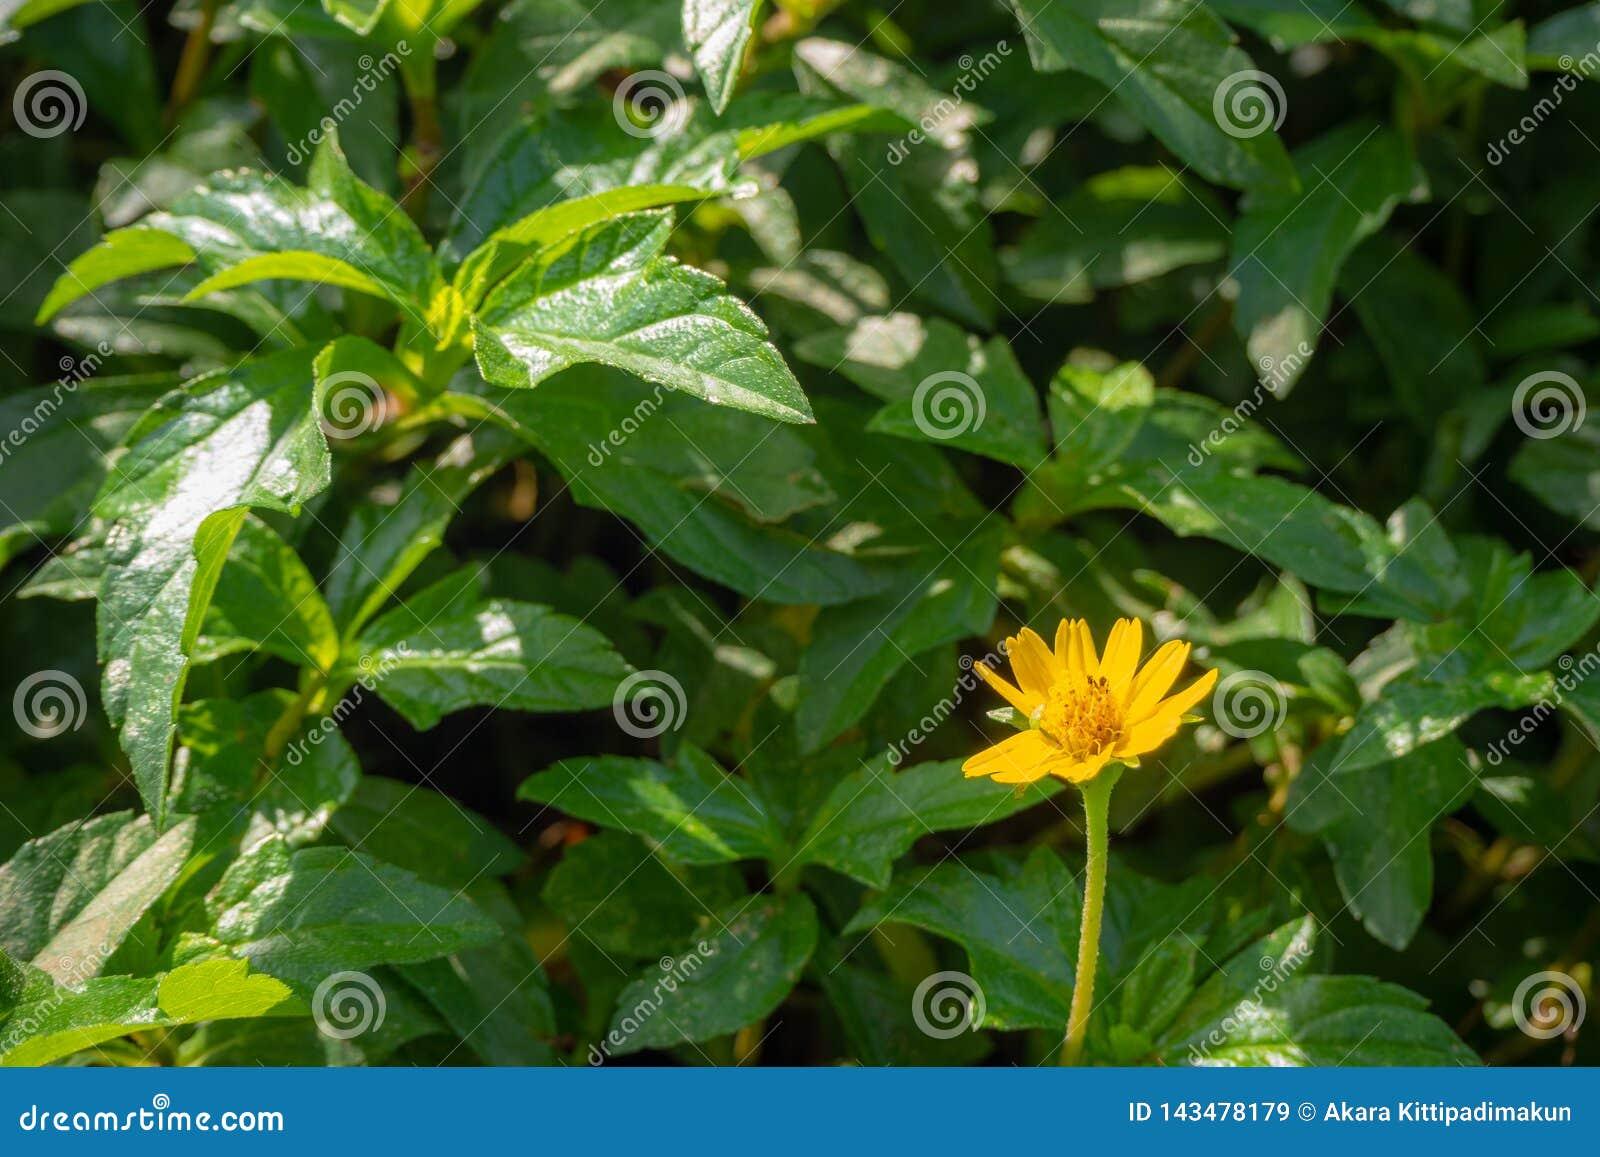 Fiore giallo sveglio sul fondo verde della foglia in parco